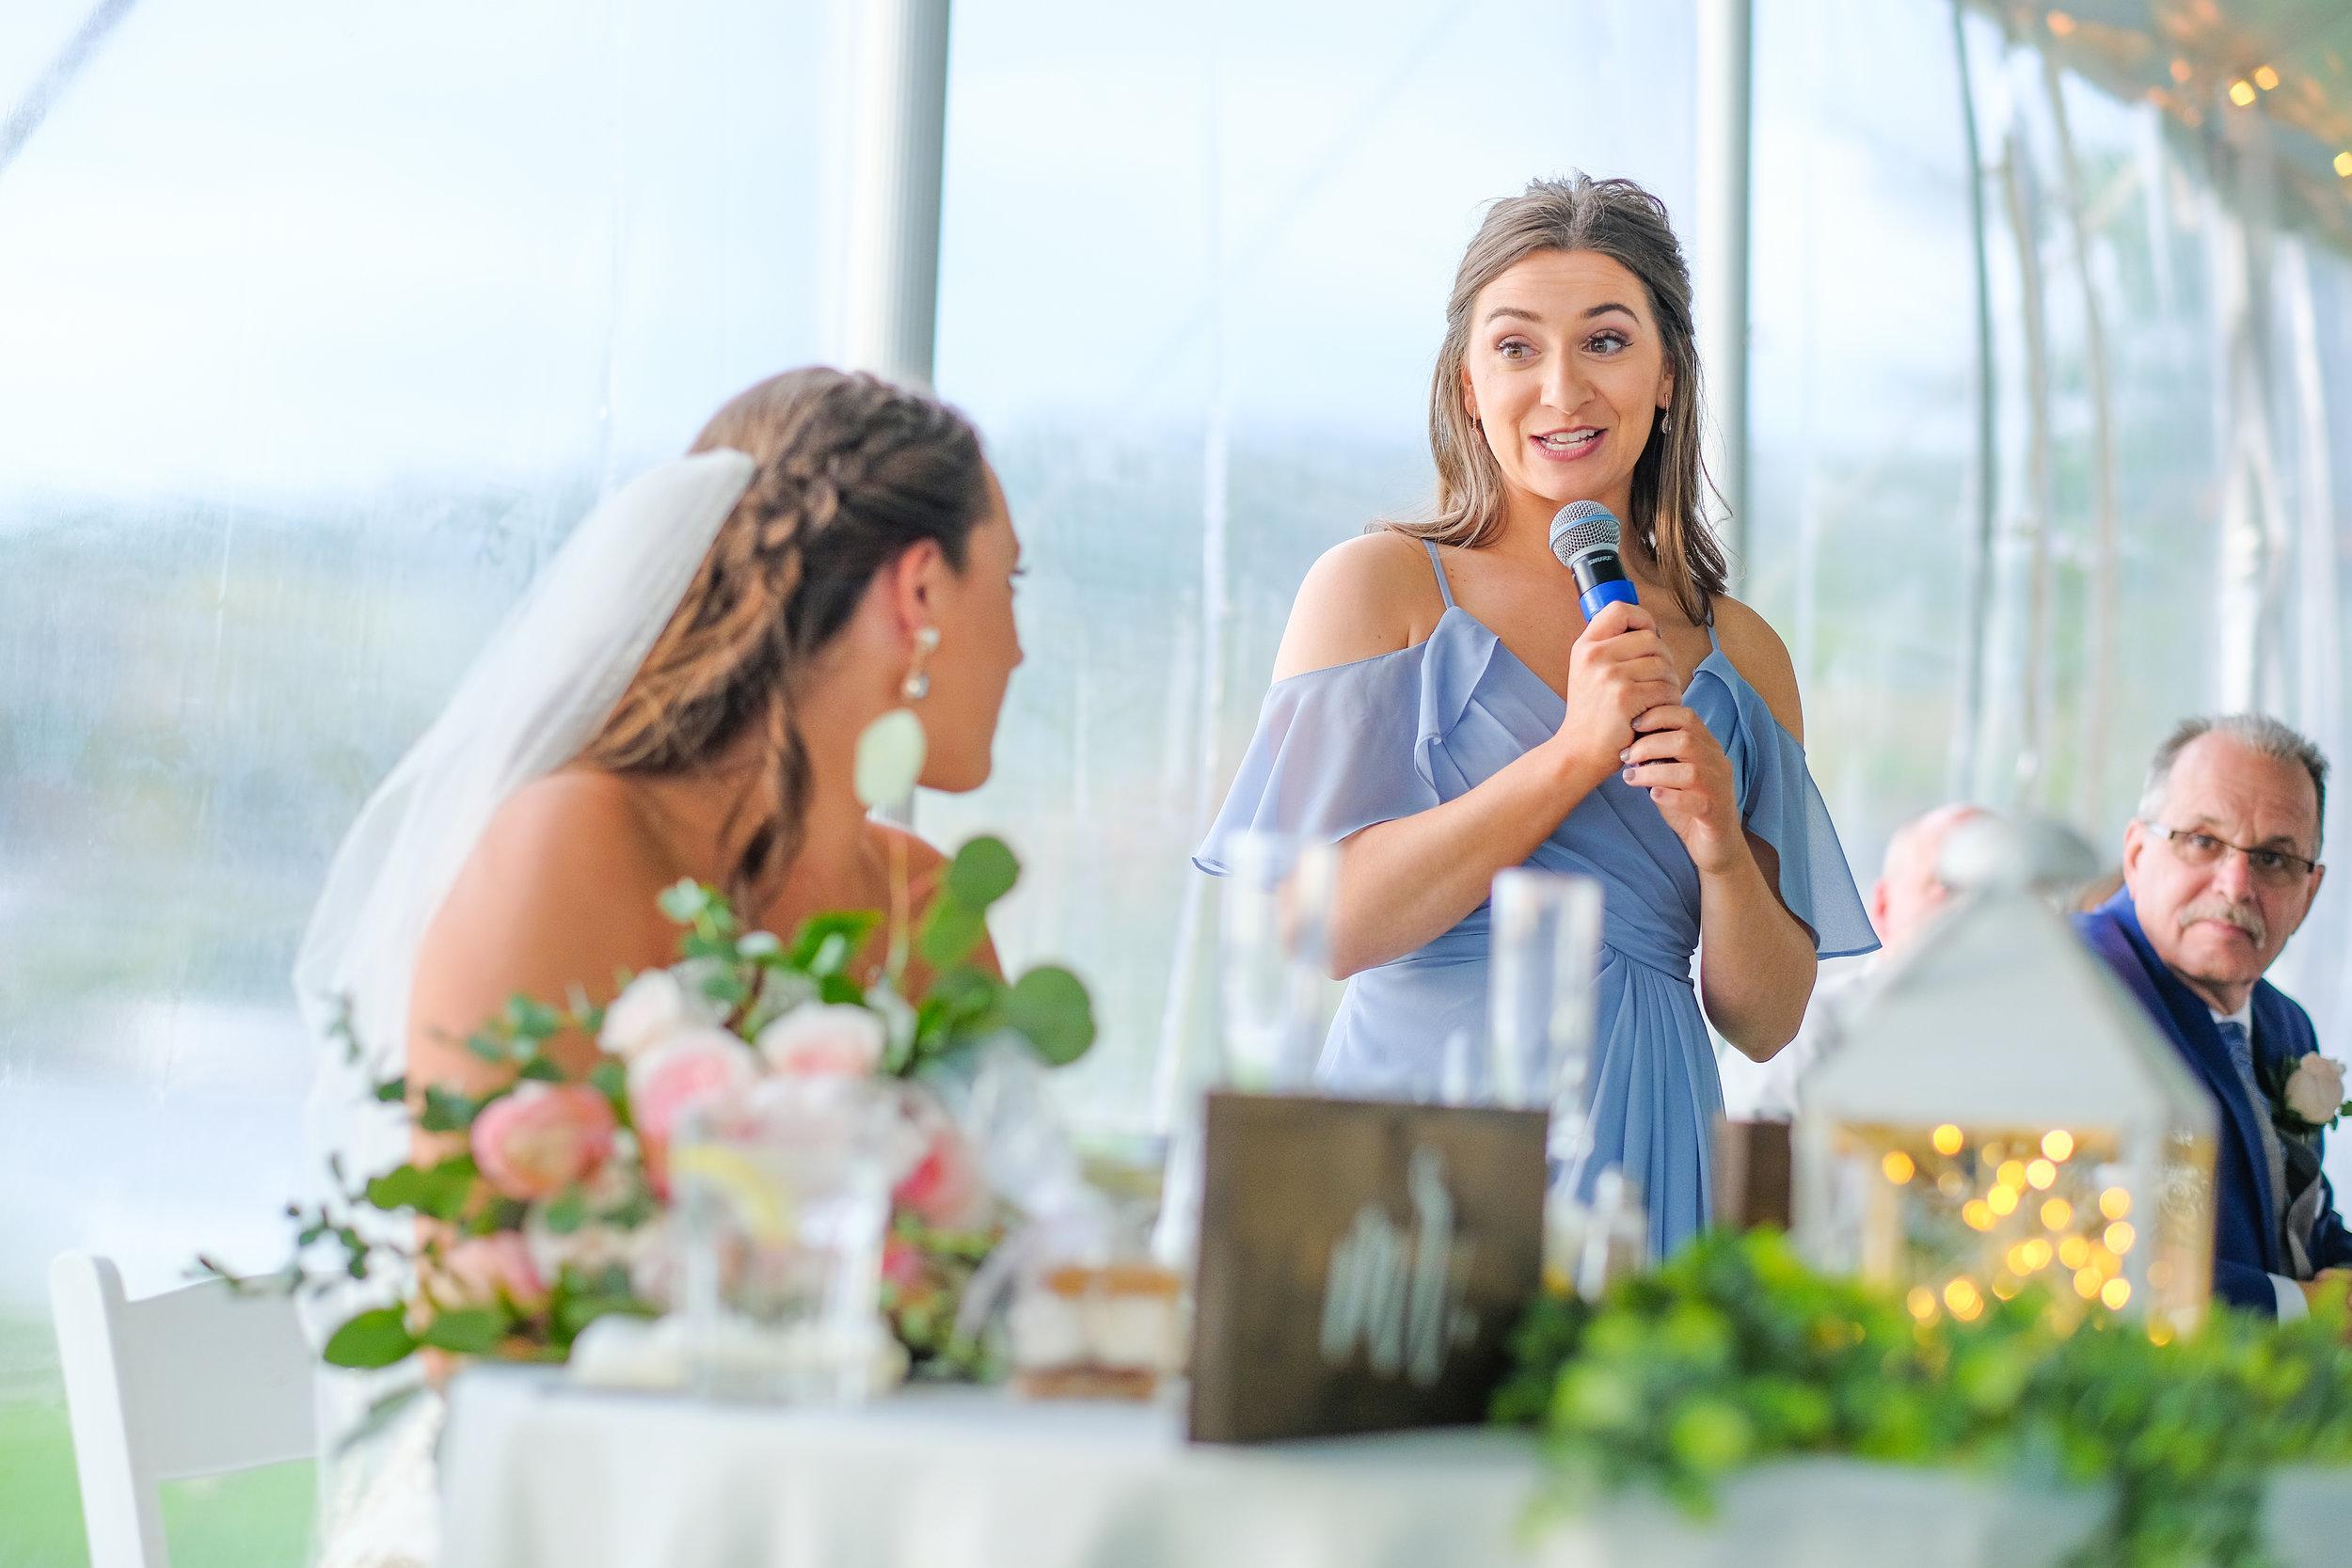 laconia-margate-wedding-photography-614.jpg